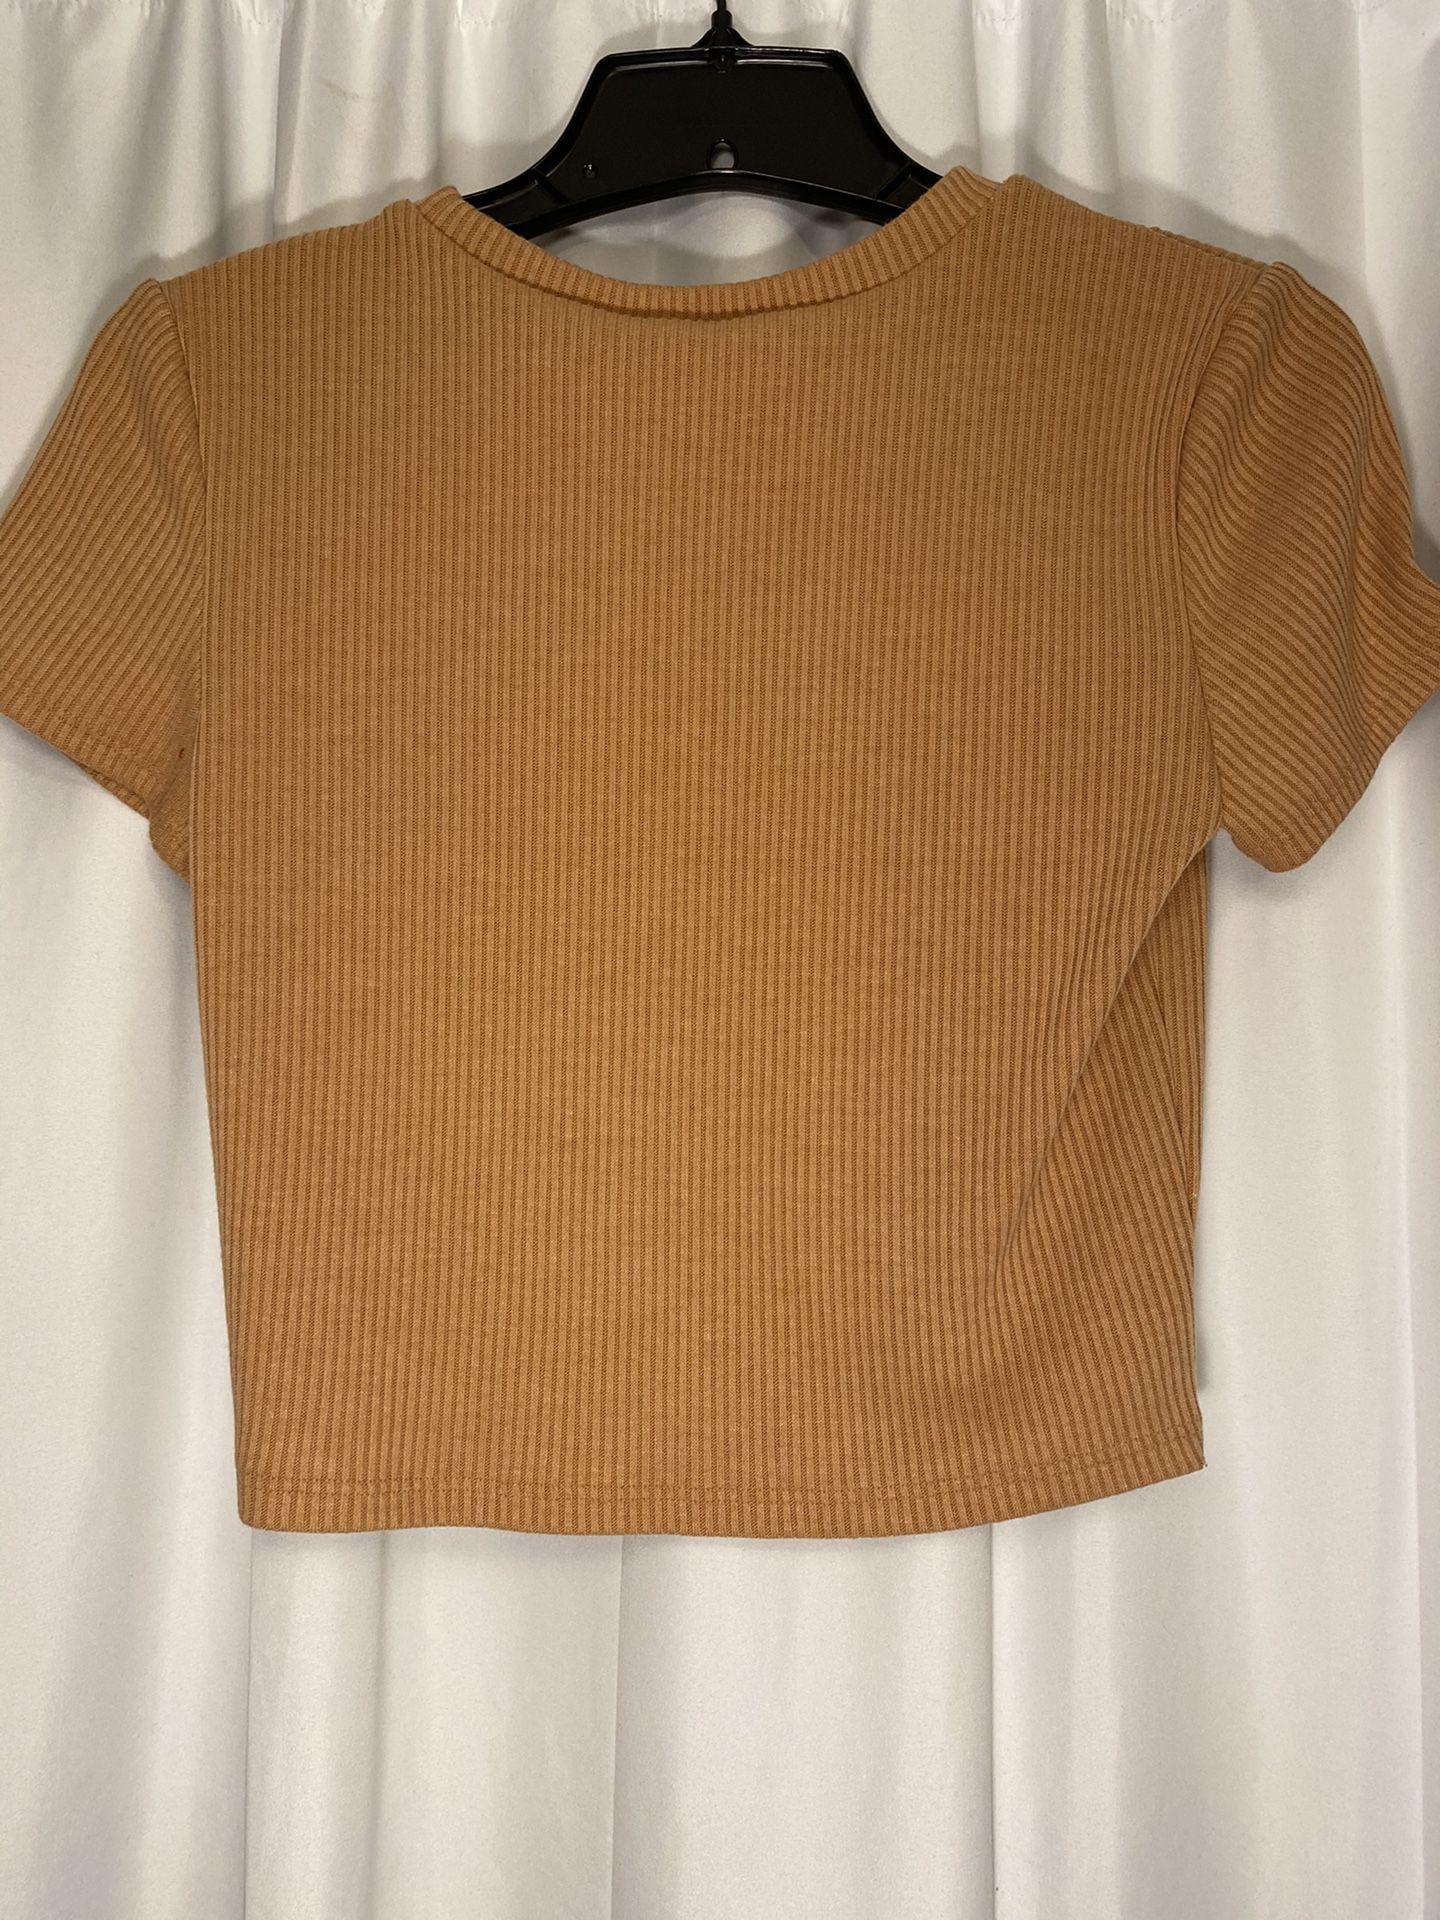 Peachy Short-Sleeved Crop Top